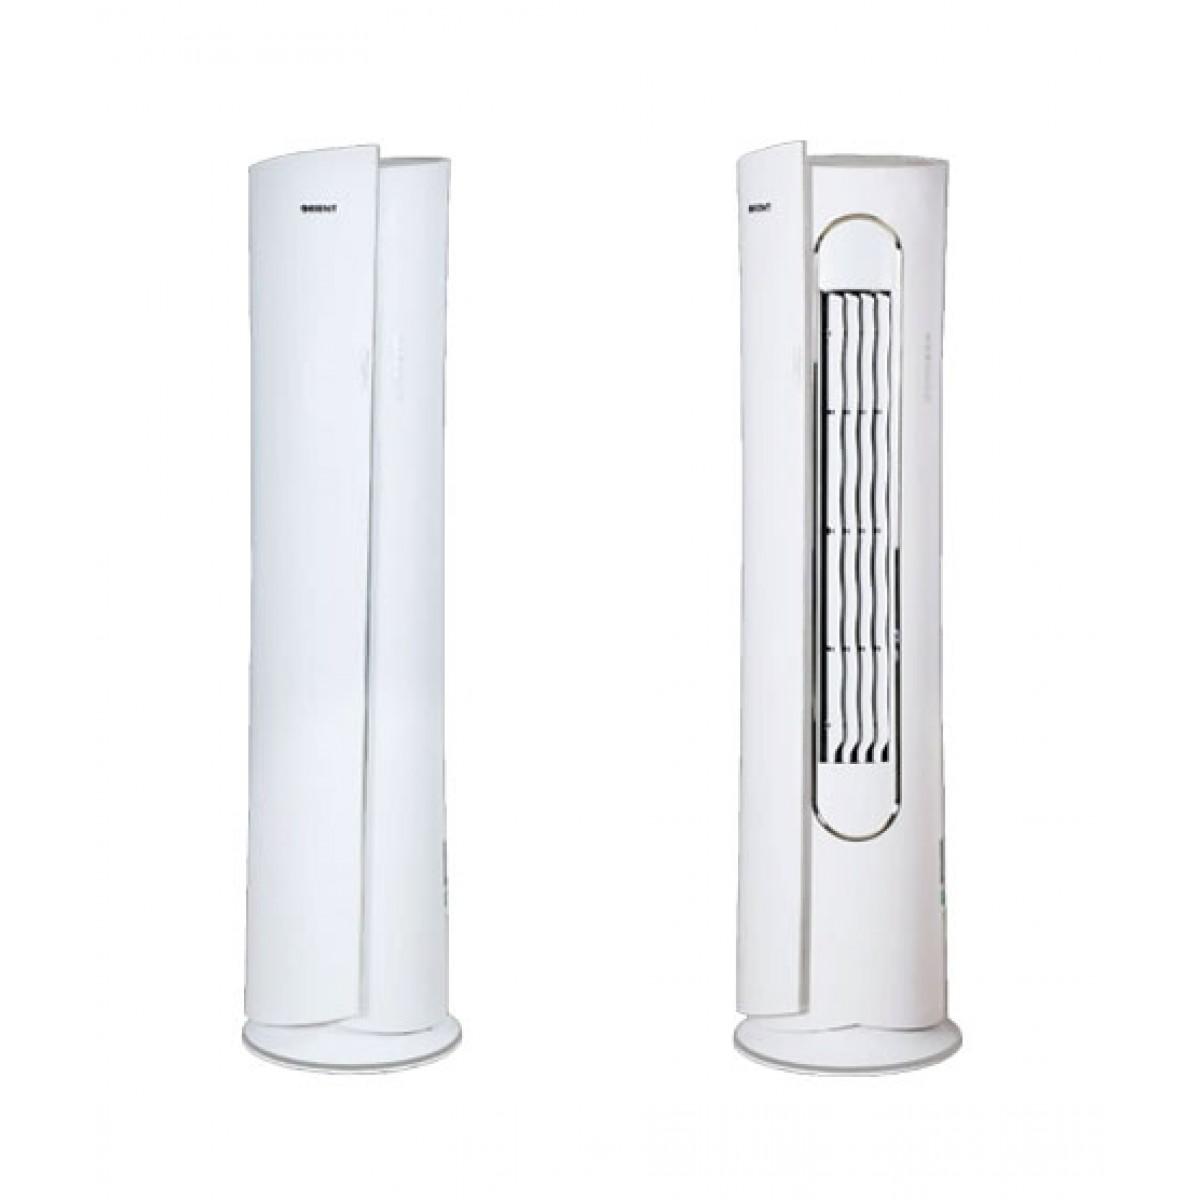 Orient Inverter Floor Standing Air Conditioner 2.0 Ton Sand White (Premier-24G)